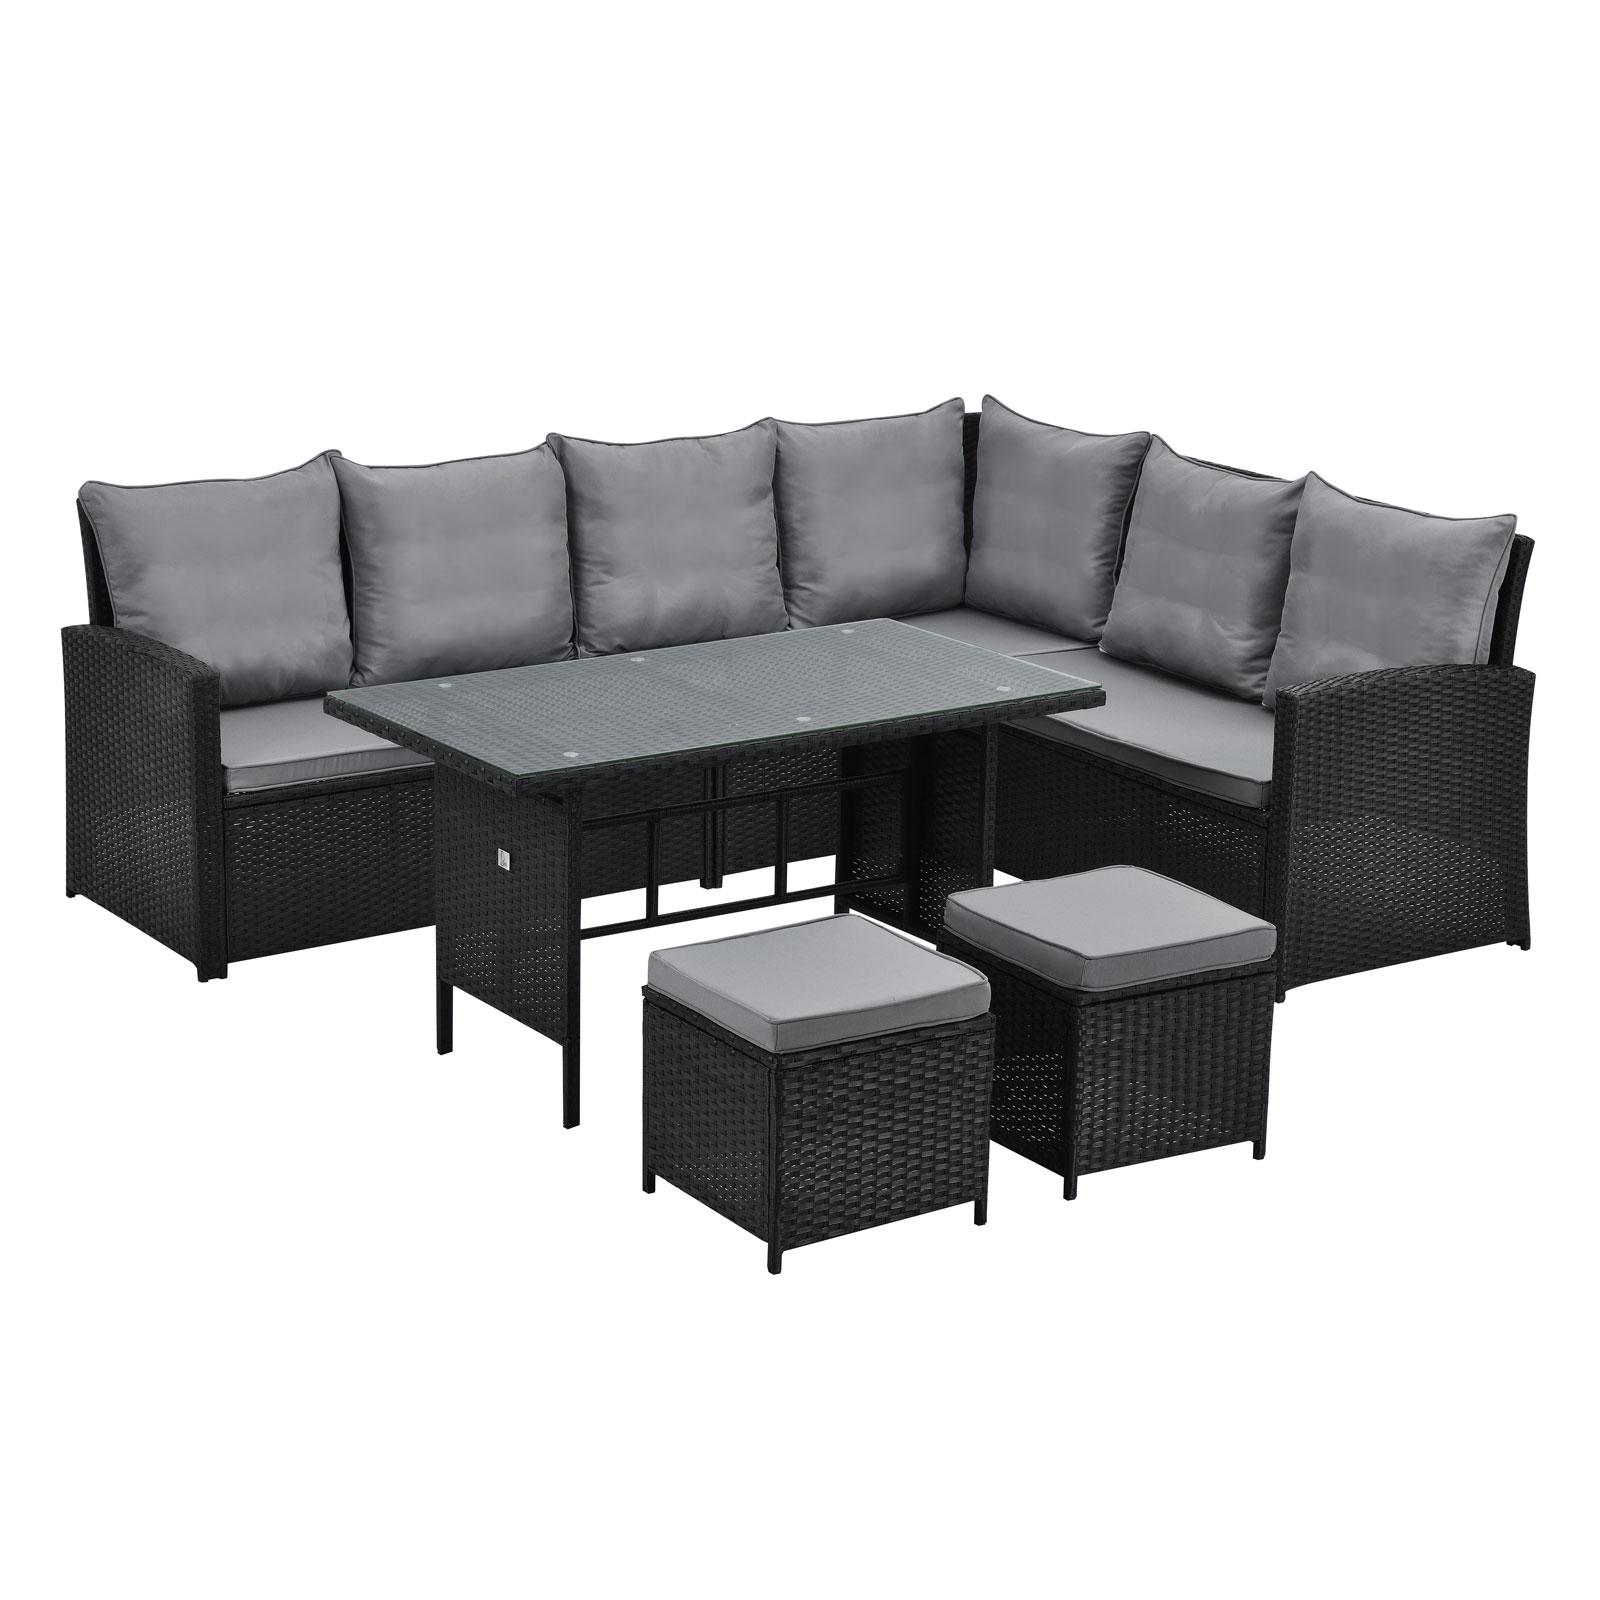 90720 SVITA Monroe Garten-Lounge Set Polyrattan Lounge-Möbel Sitzgruppe Schwarz